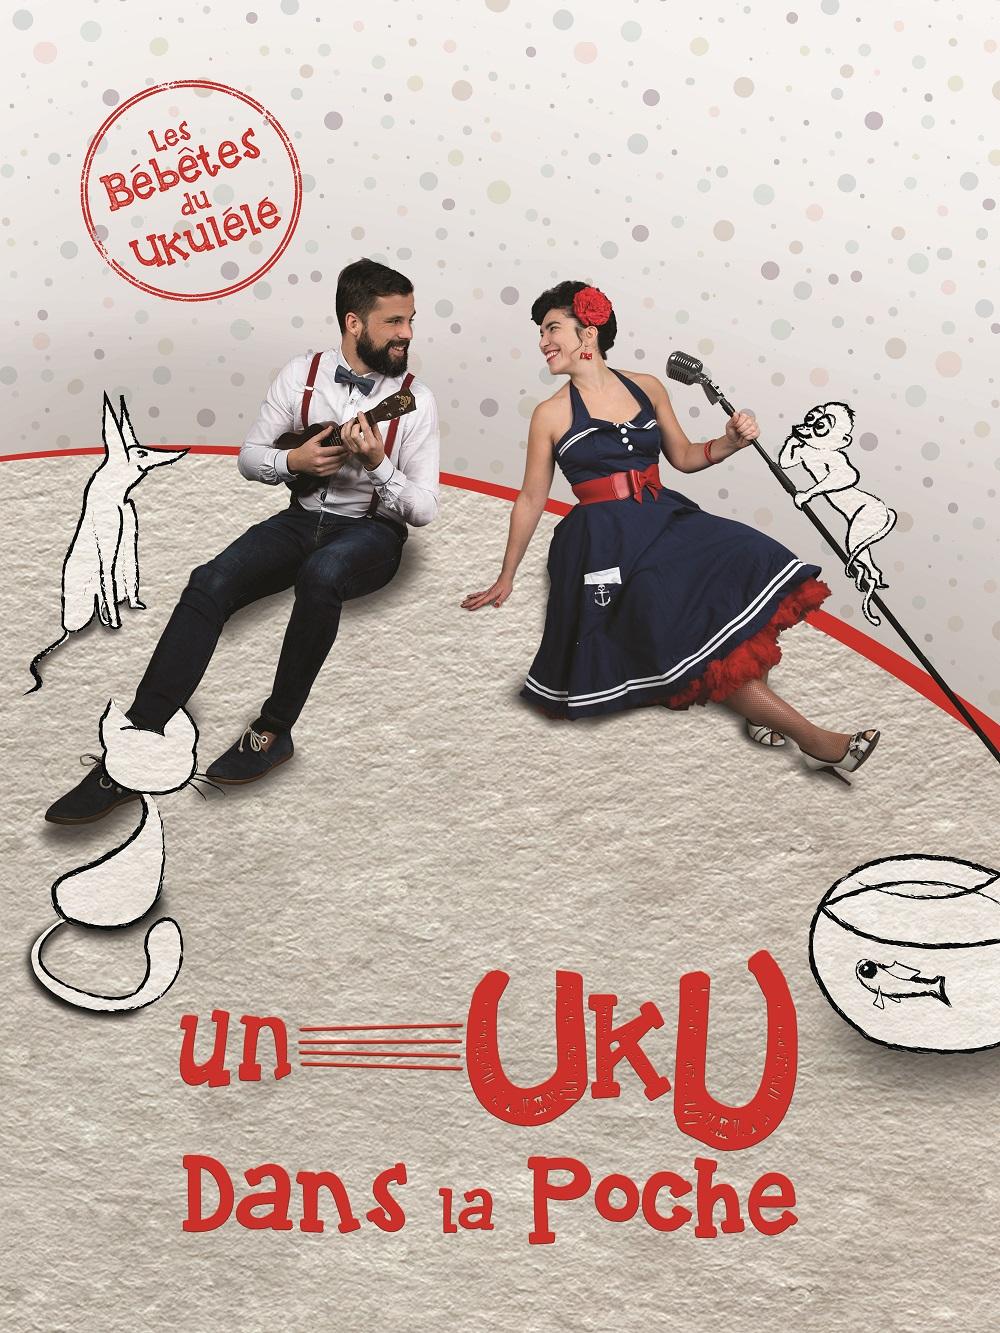 Karine Hurstel et Hadrien Albouy dans Un uku dans la poche